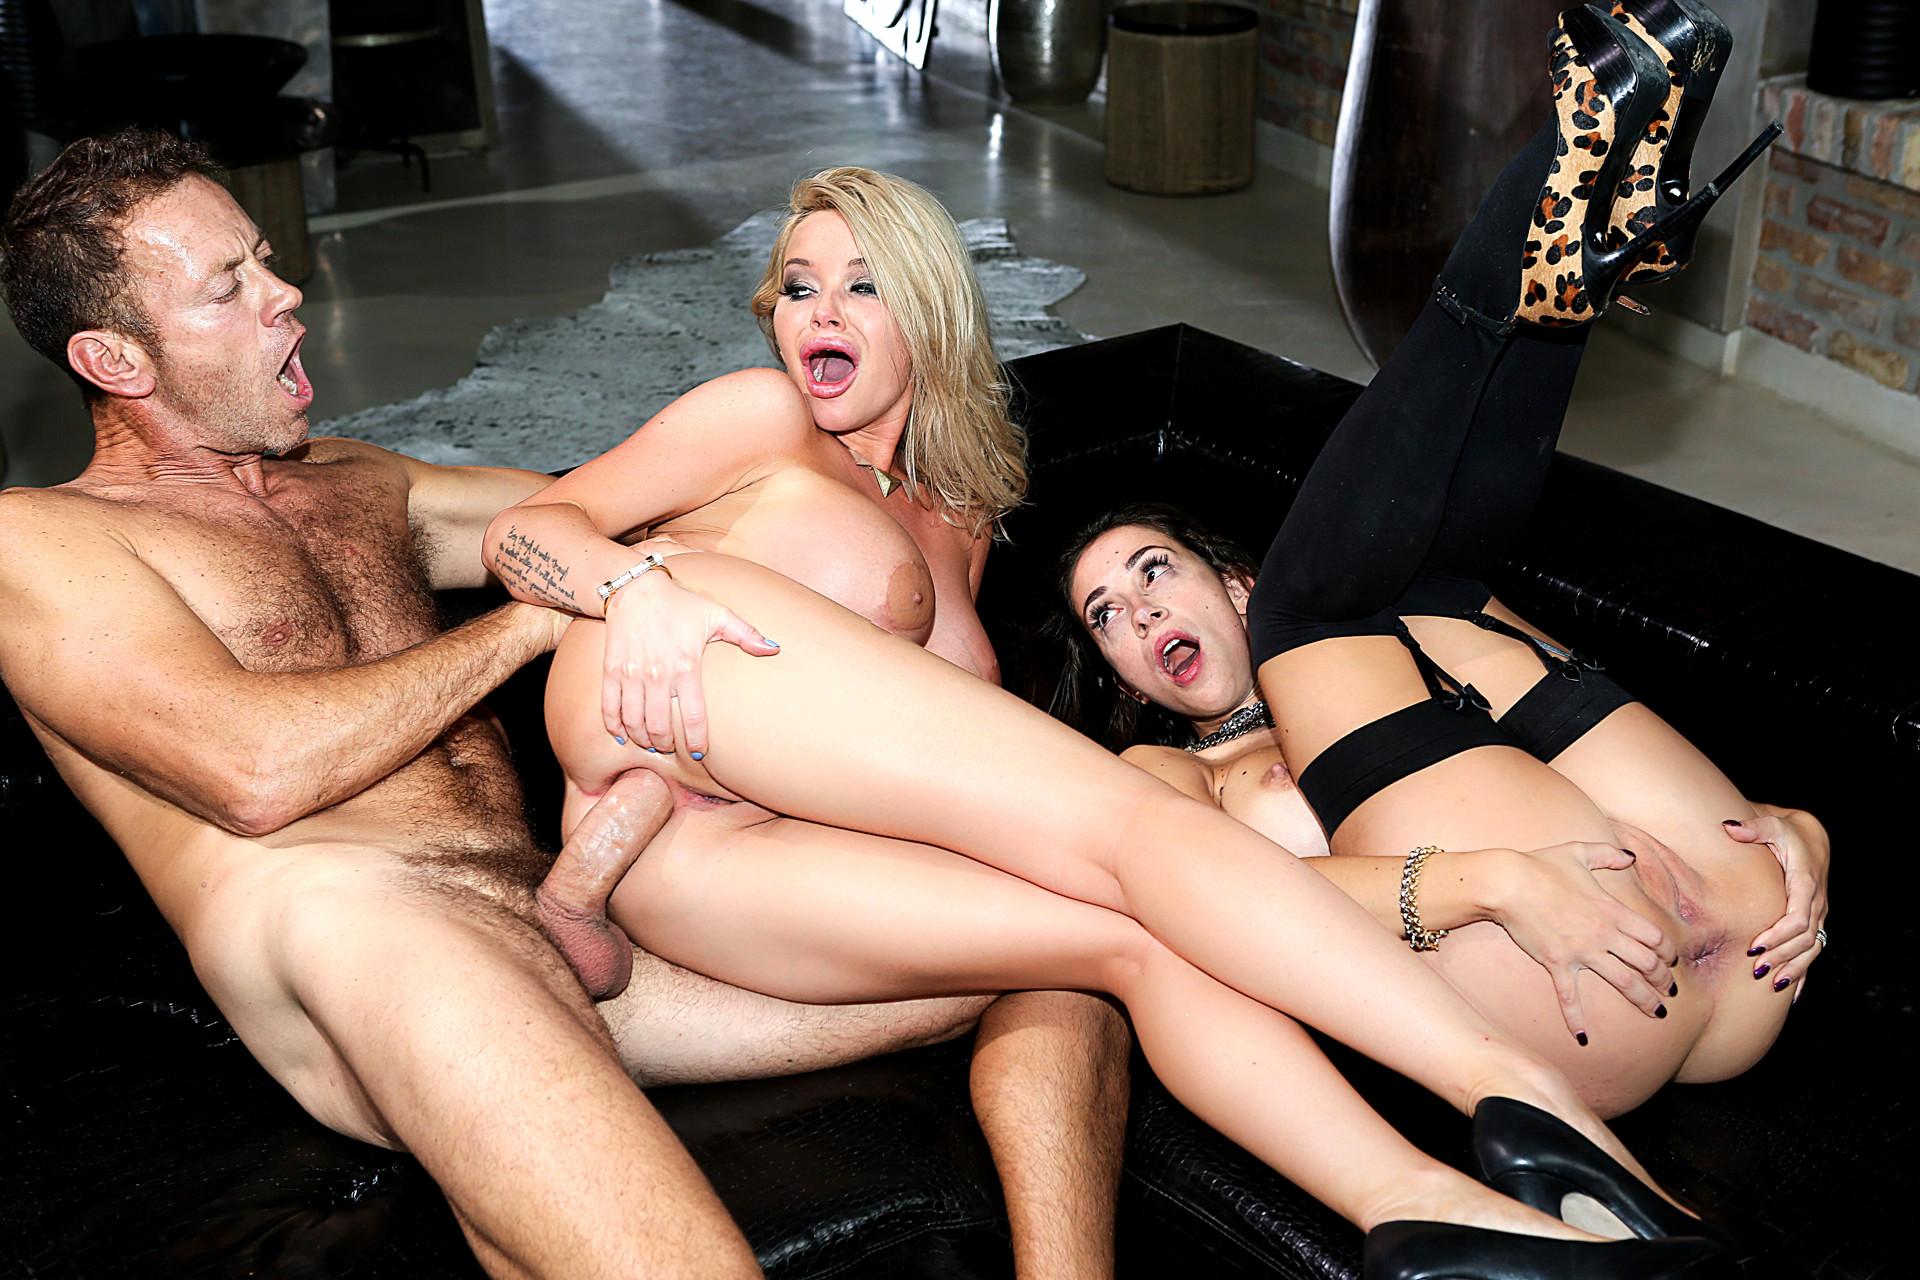 Porno pic live, romanian porn site